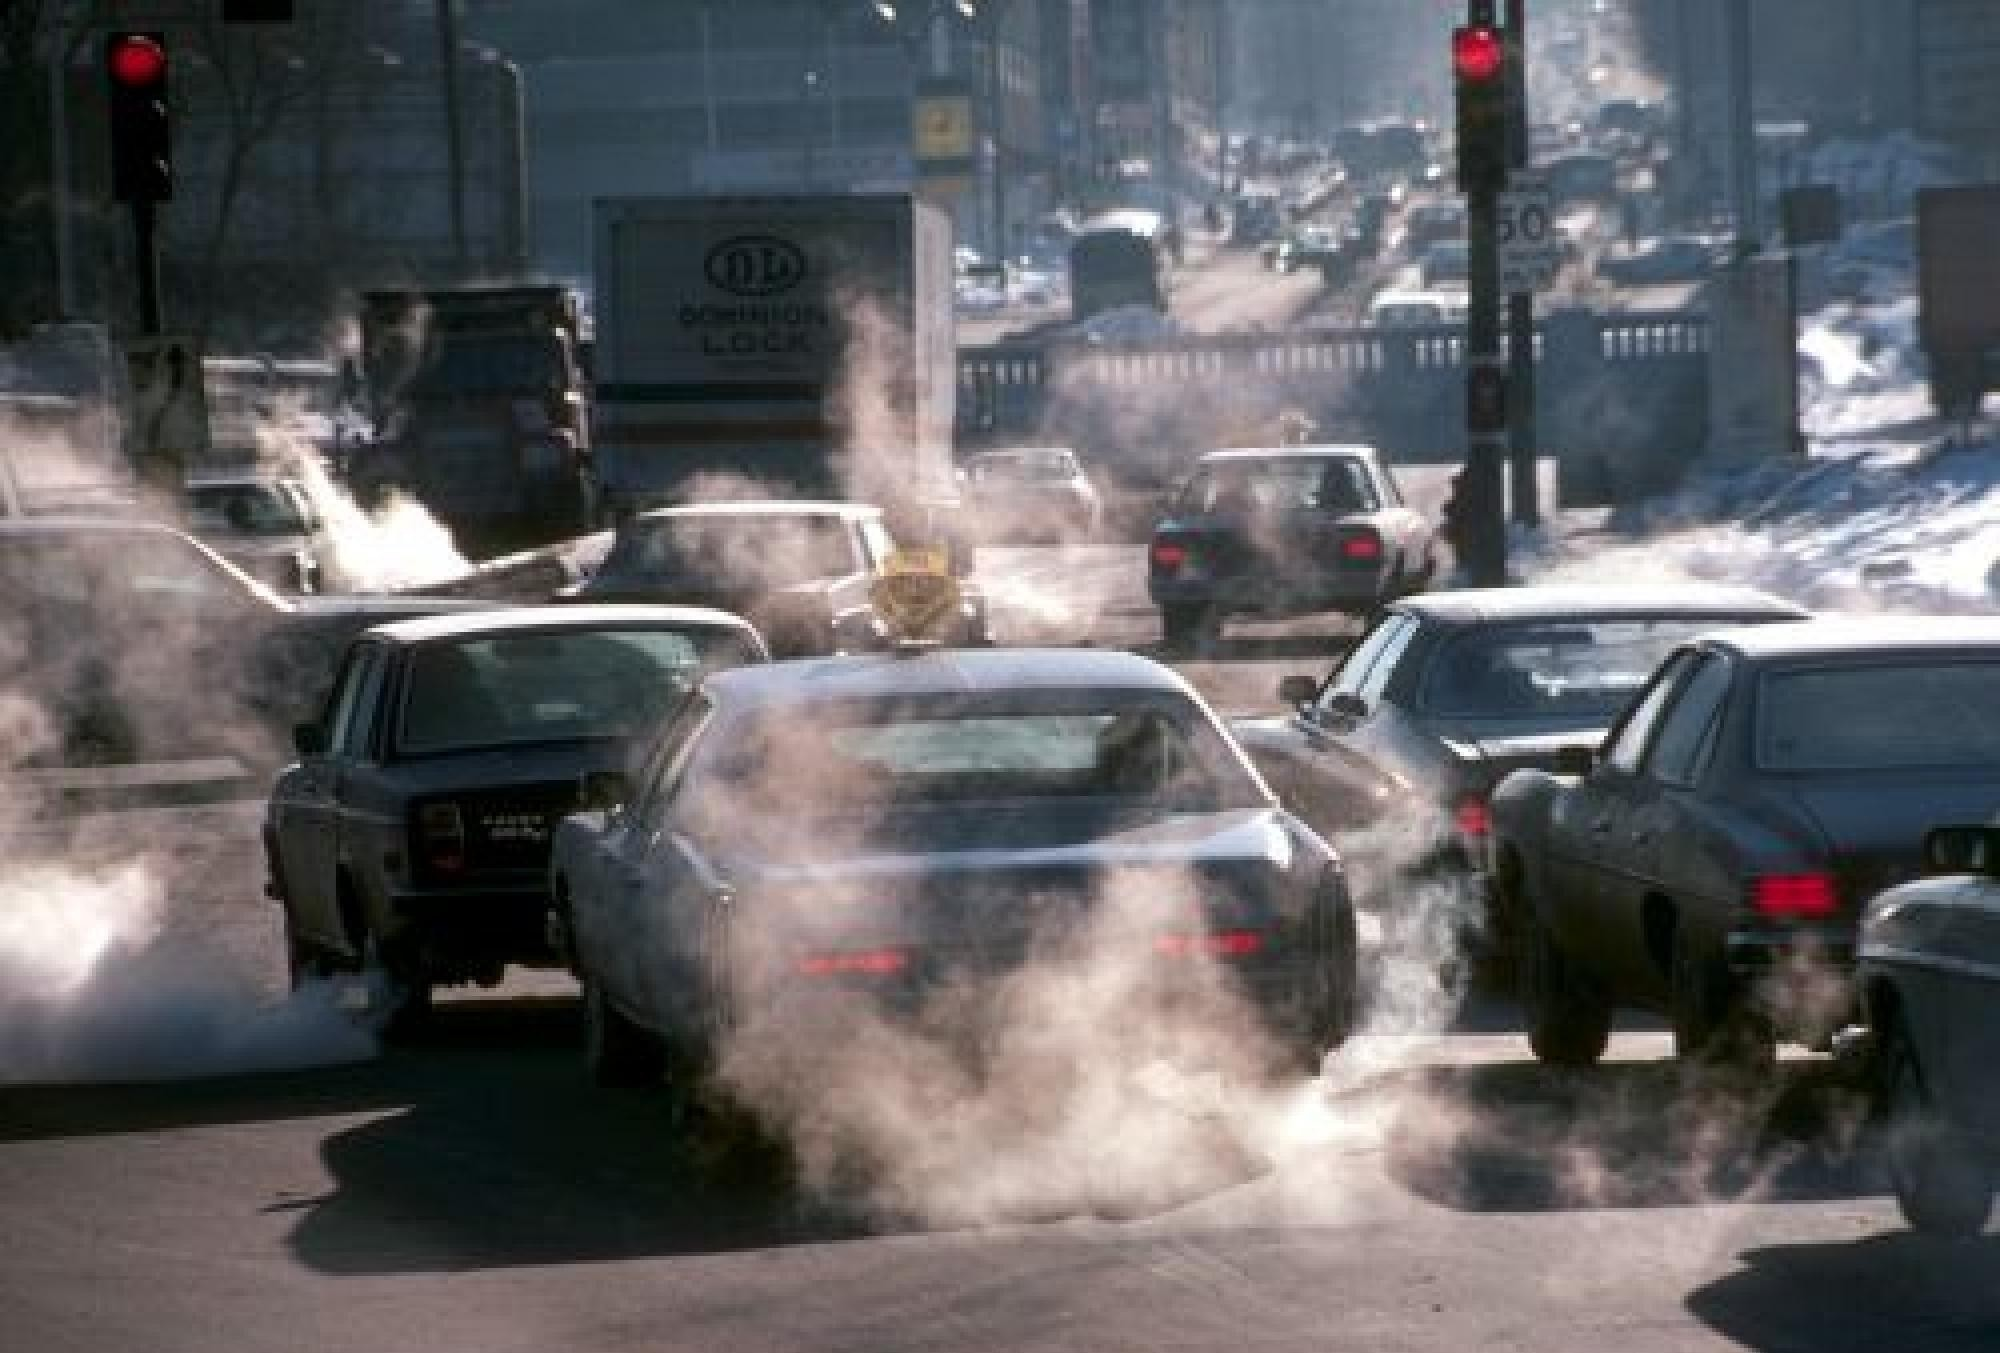 Ученые думают, как добыть энергию из автомобилей, простаивающих в заторах 1